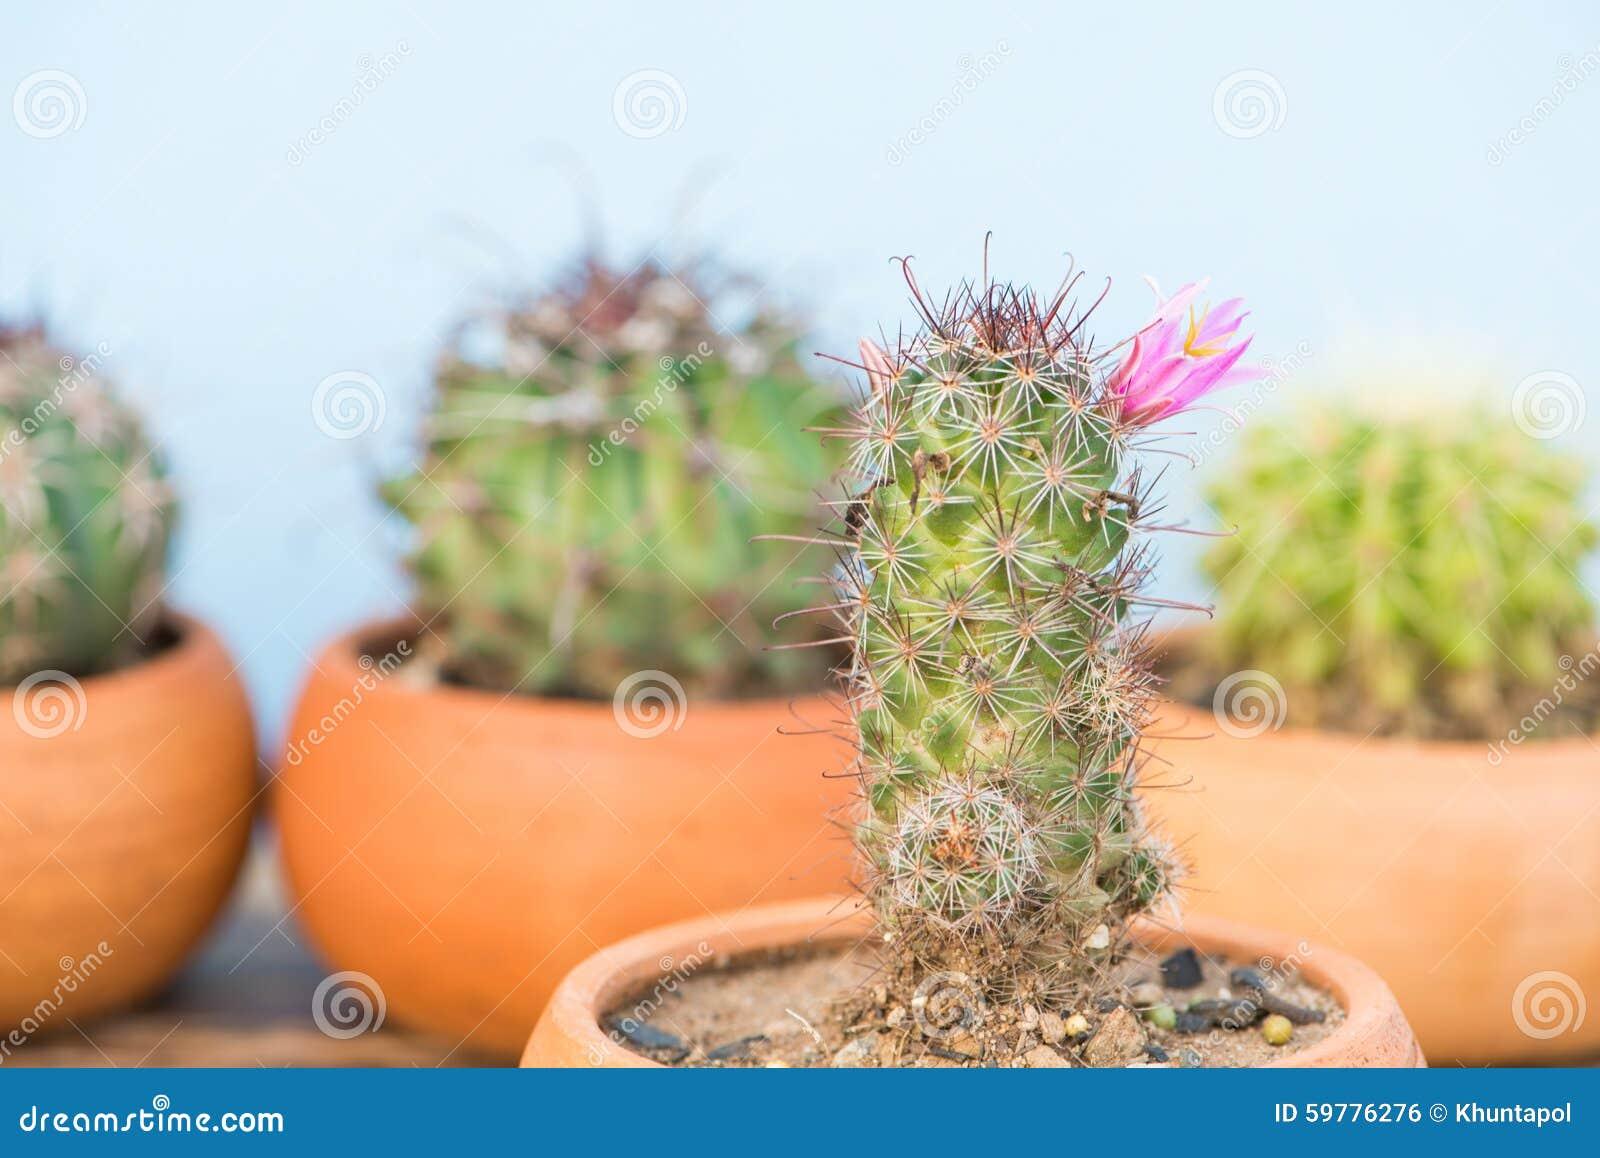 Ferme Vers Le Haut Du Cactus Avec La Fleur Rose Photo Stock Image